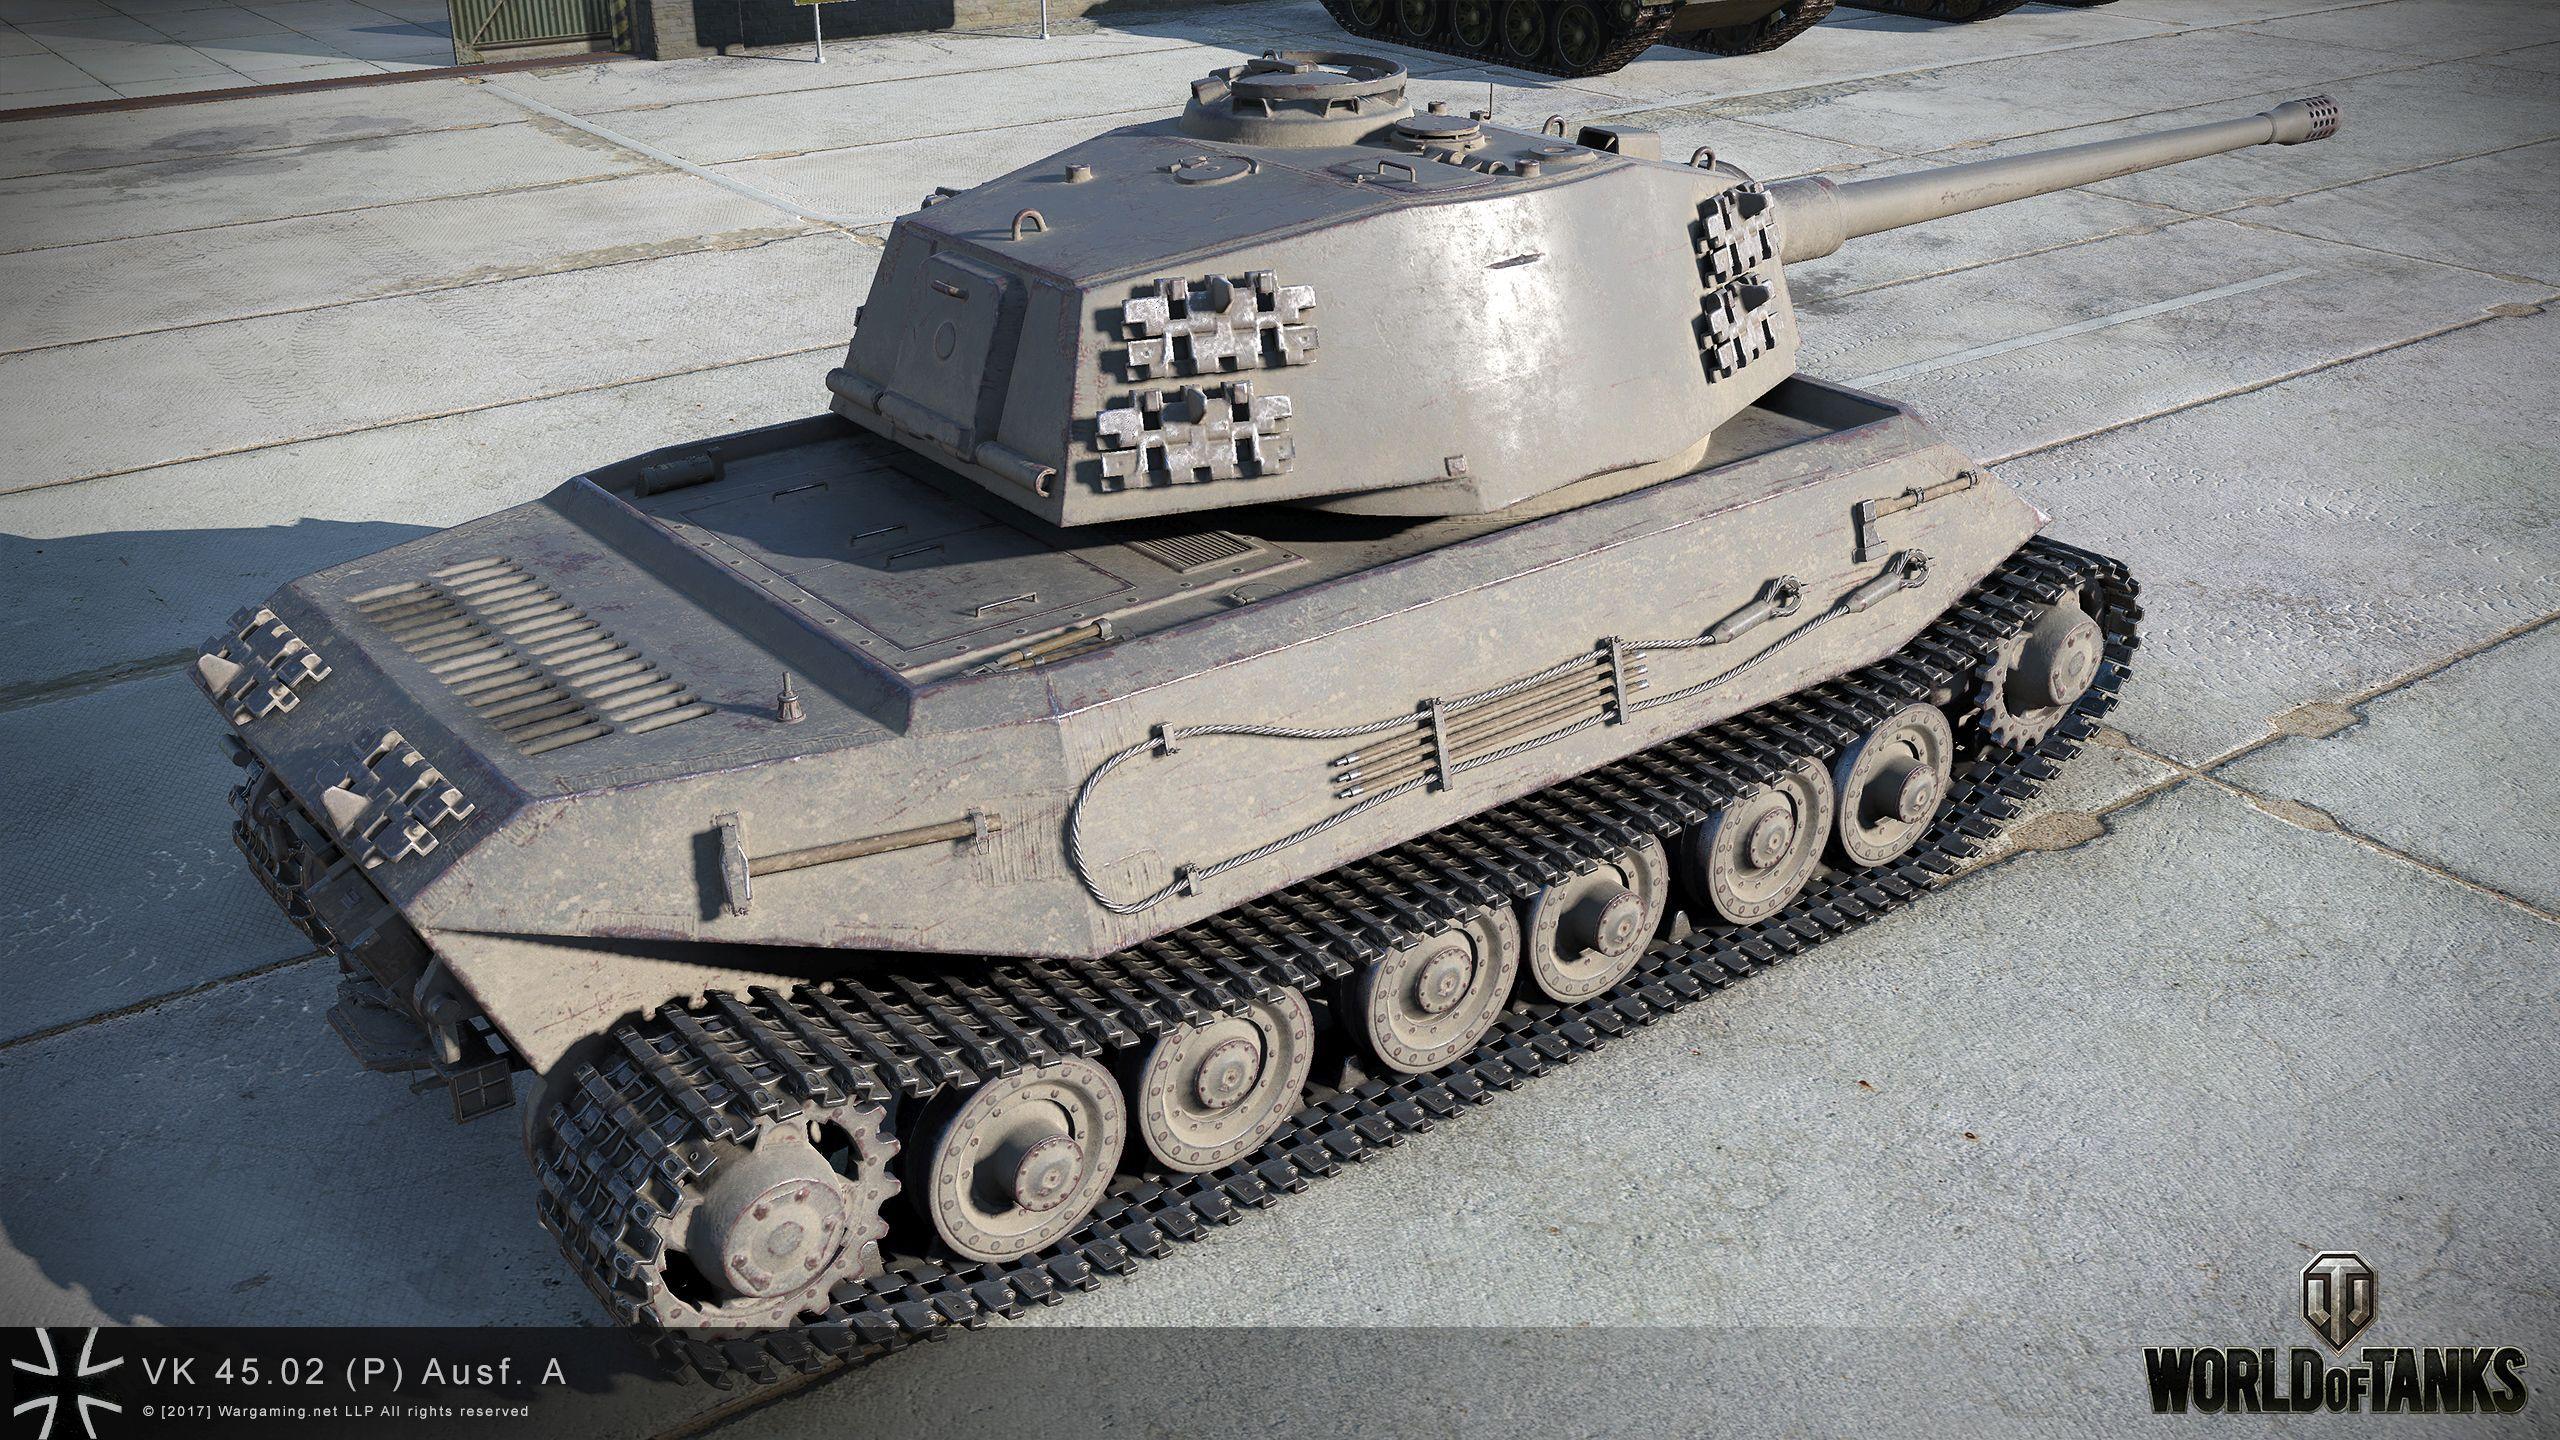 VK 72.01 (K) HD Renders - The Armored Patrol